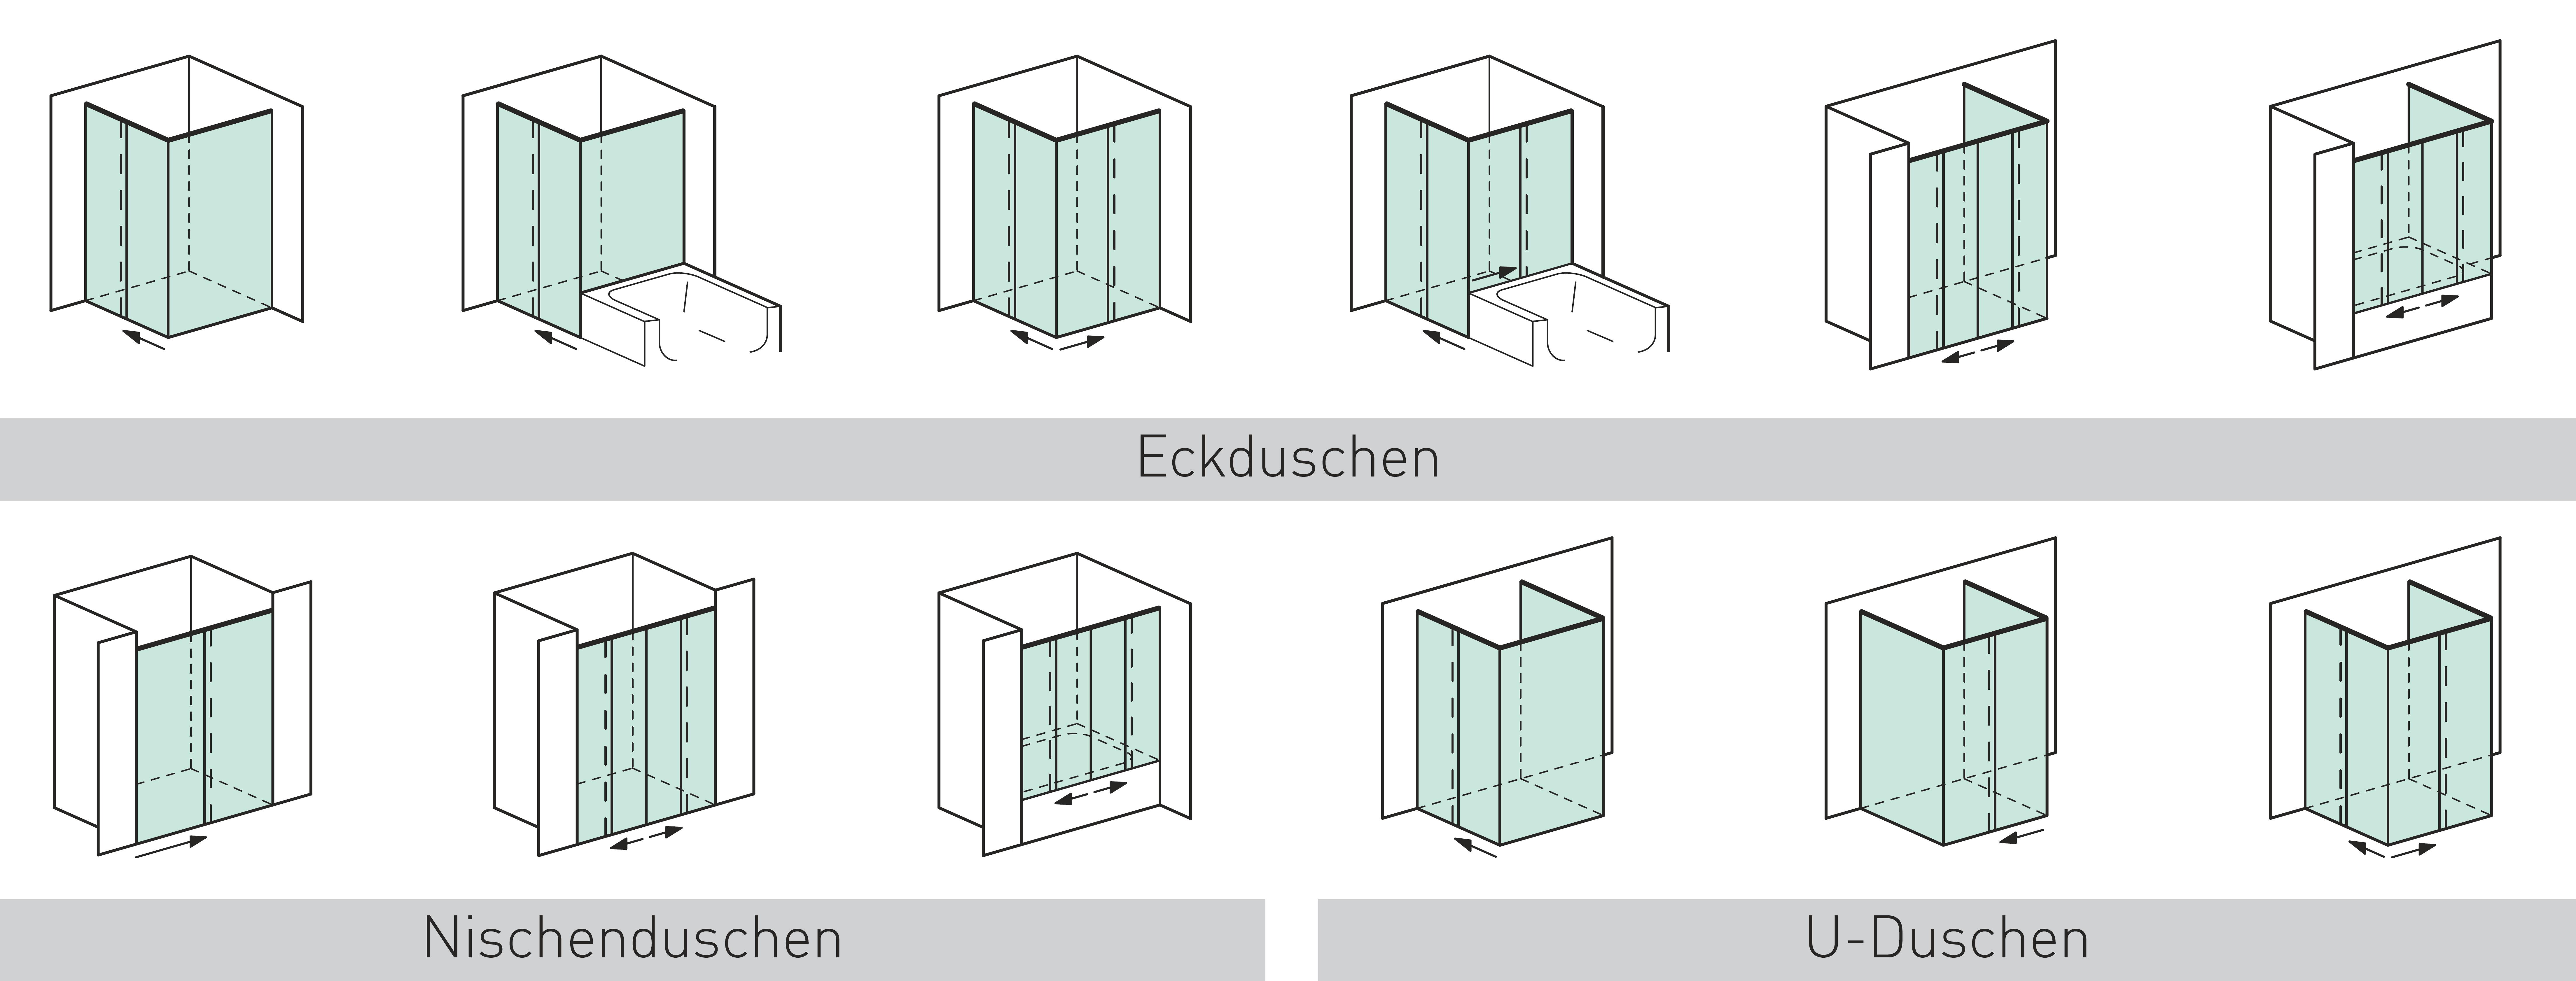 Systemvarianten Duschschiebetüren